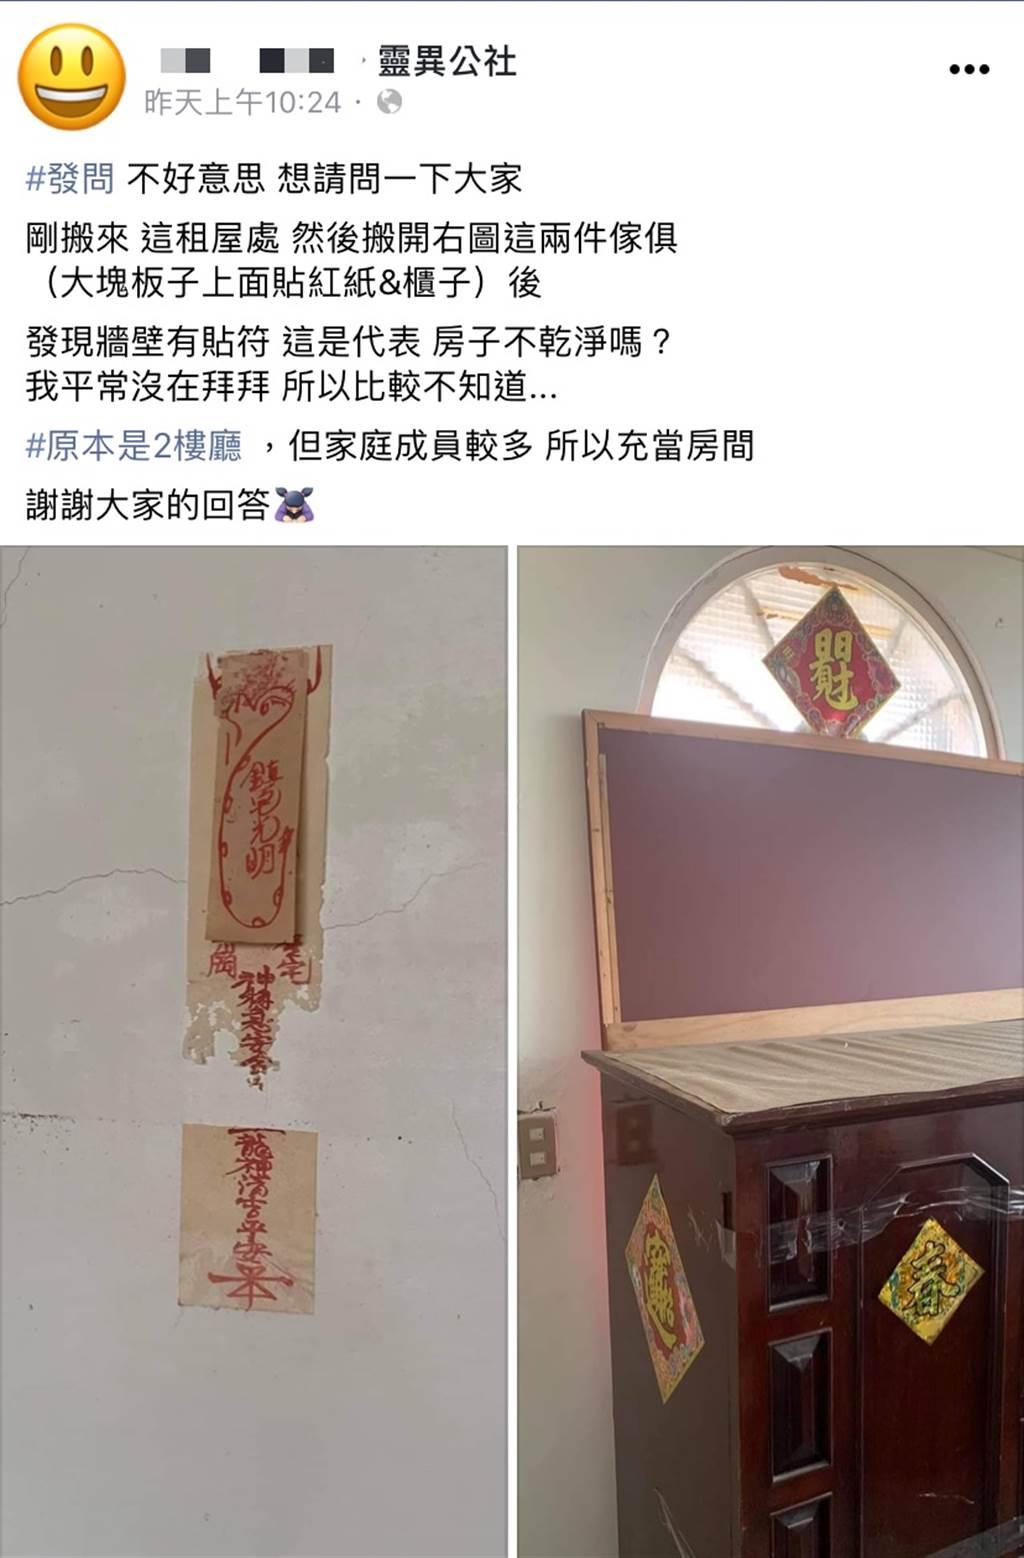 有網友搬新家發現牆上貼了2張符咒,讓他憂心的上網發問。(圖擷取自靈異公社)